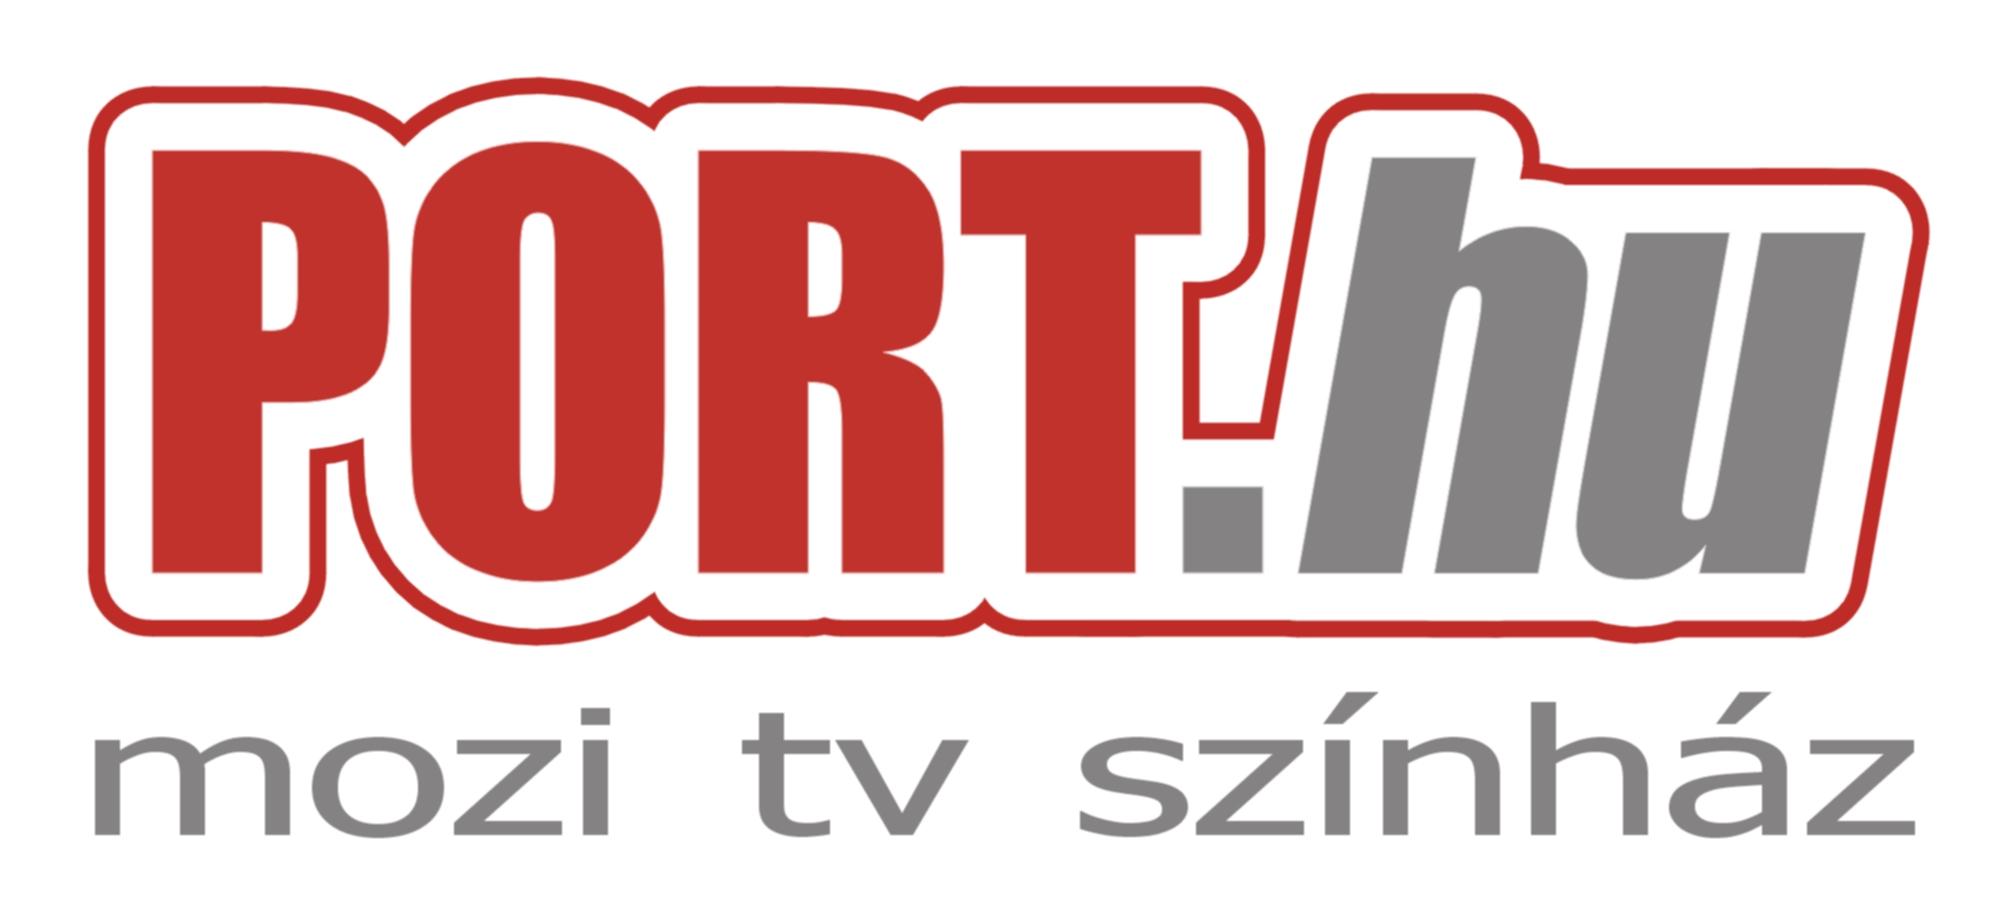 22. PORT.hu